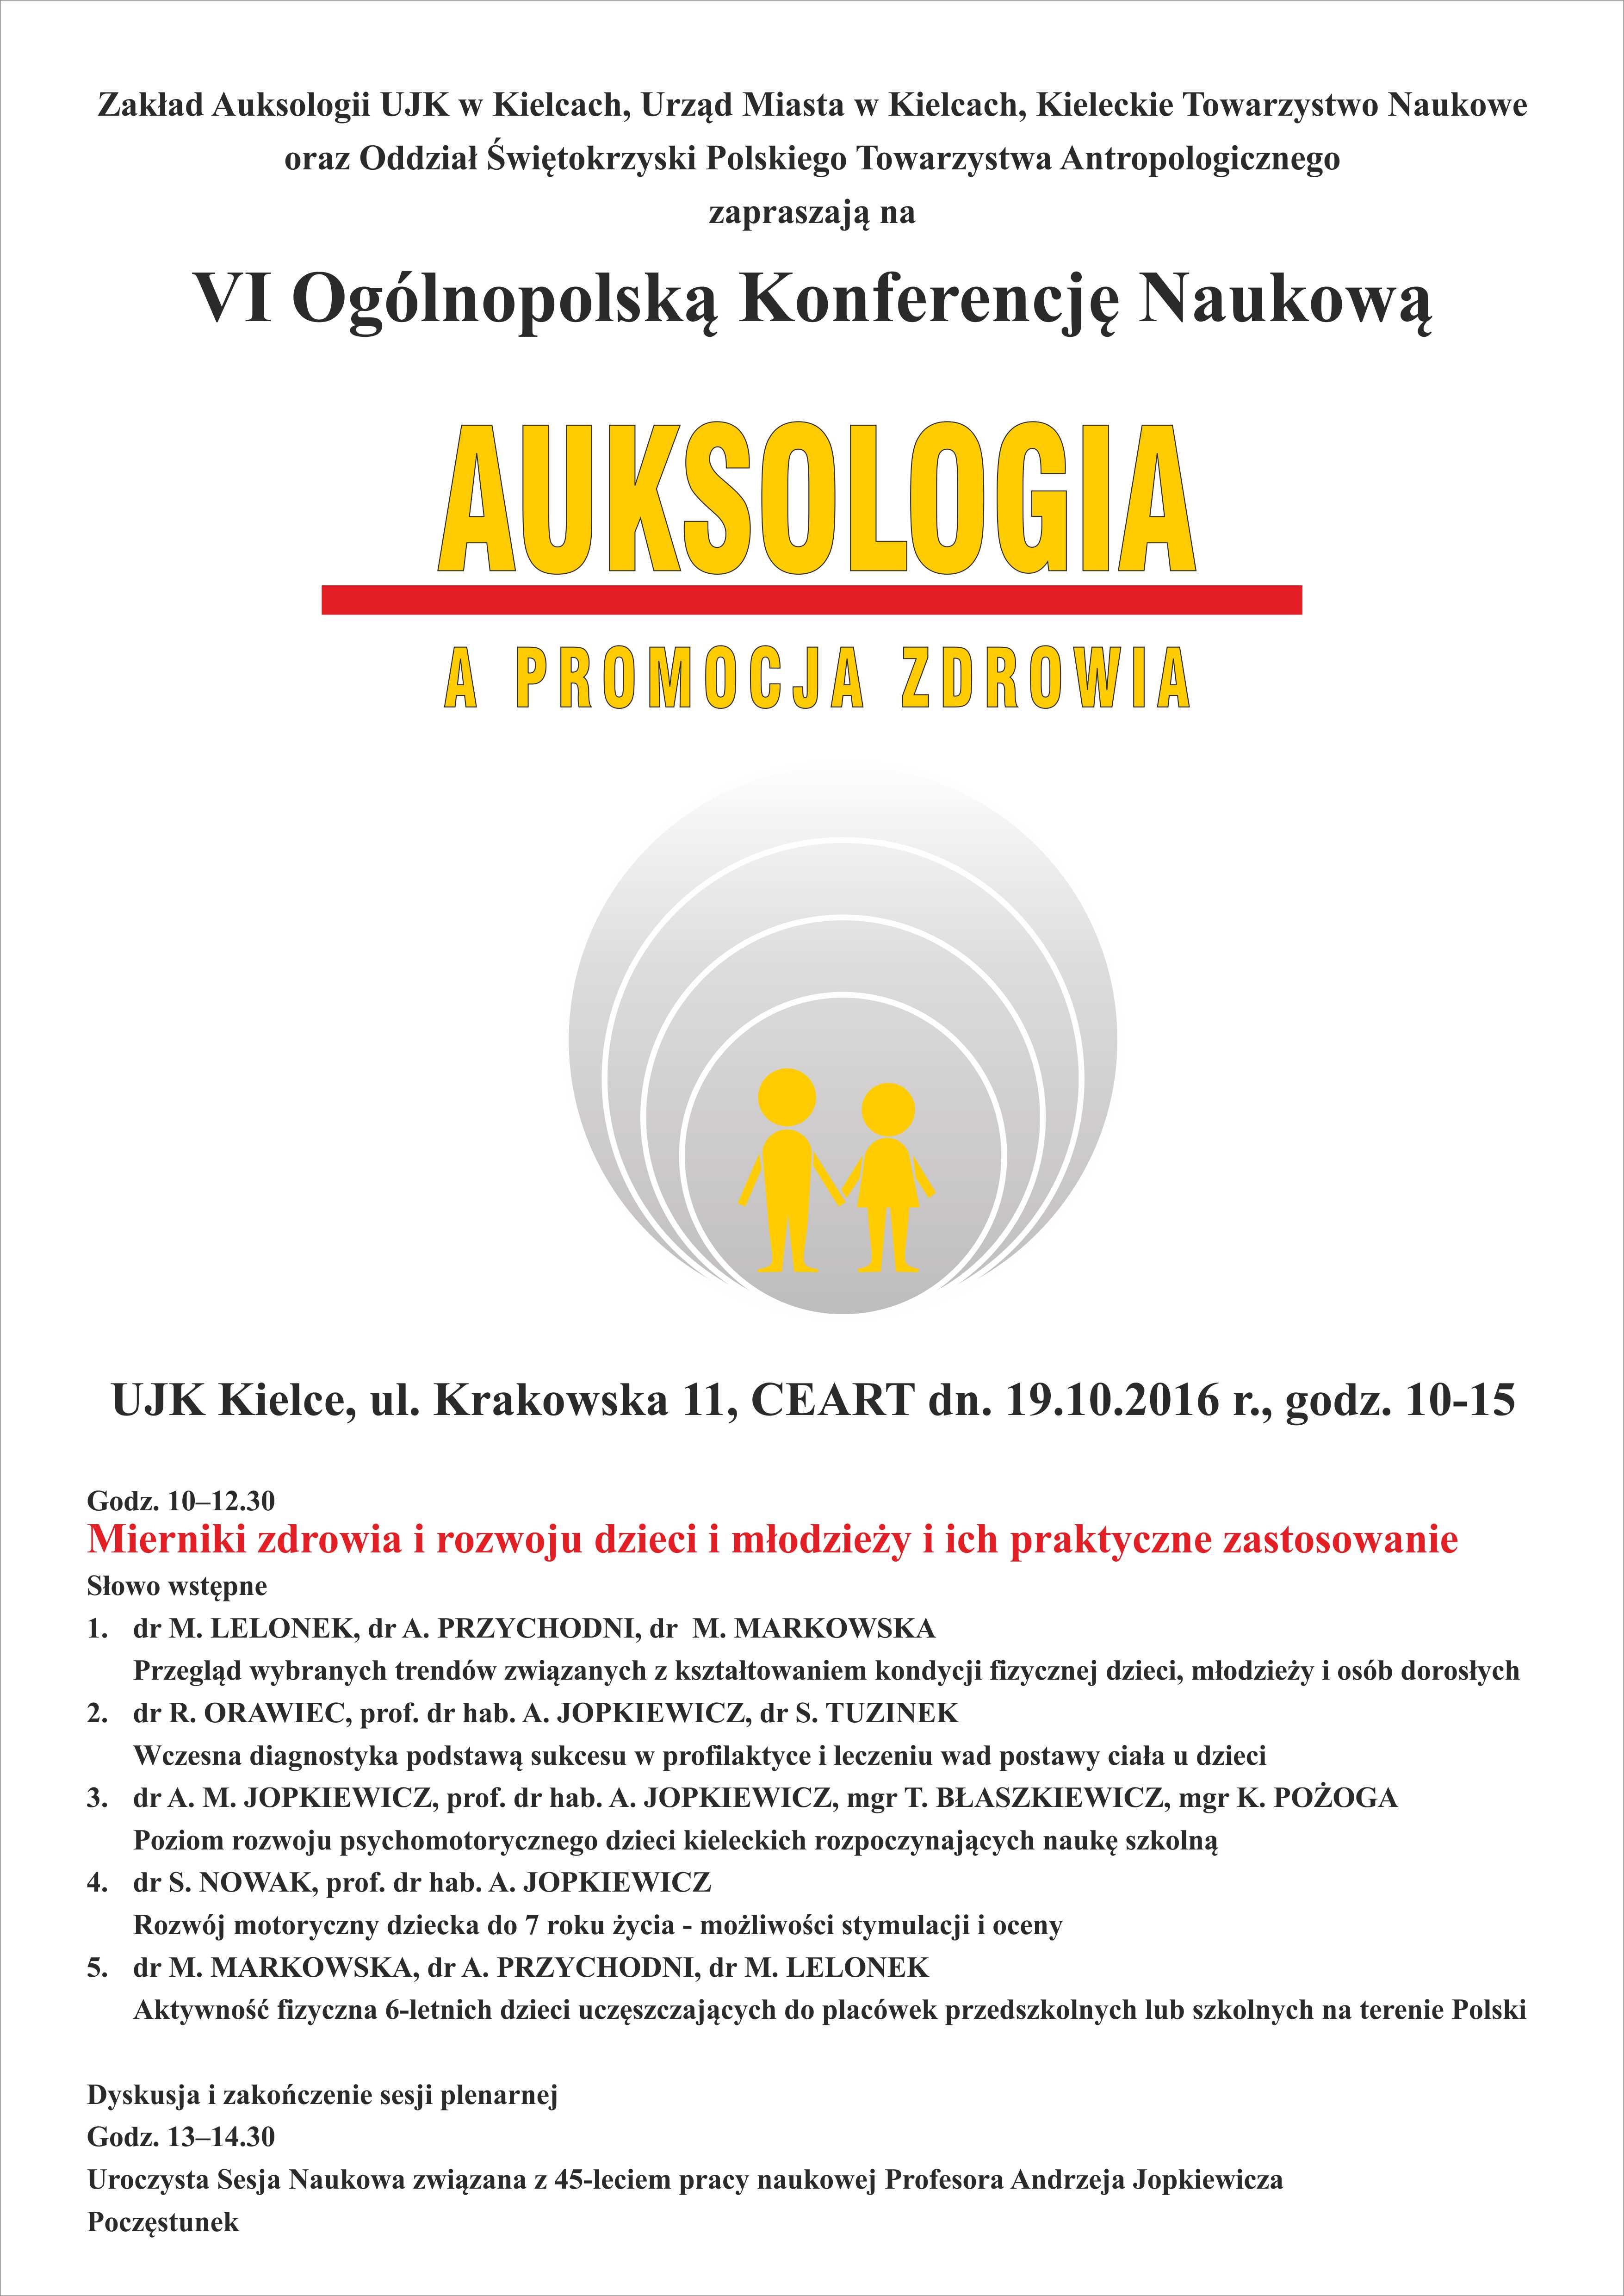 Plakat A3 Auksologia1 Kieleckie Towarzystwo Naukowe